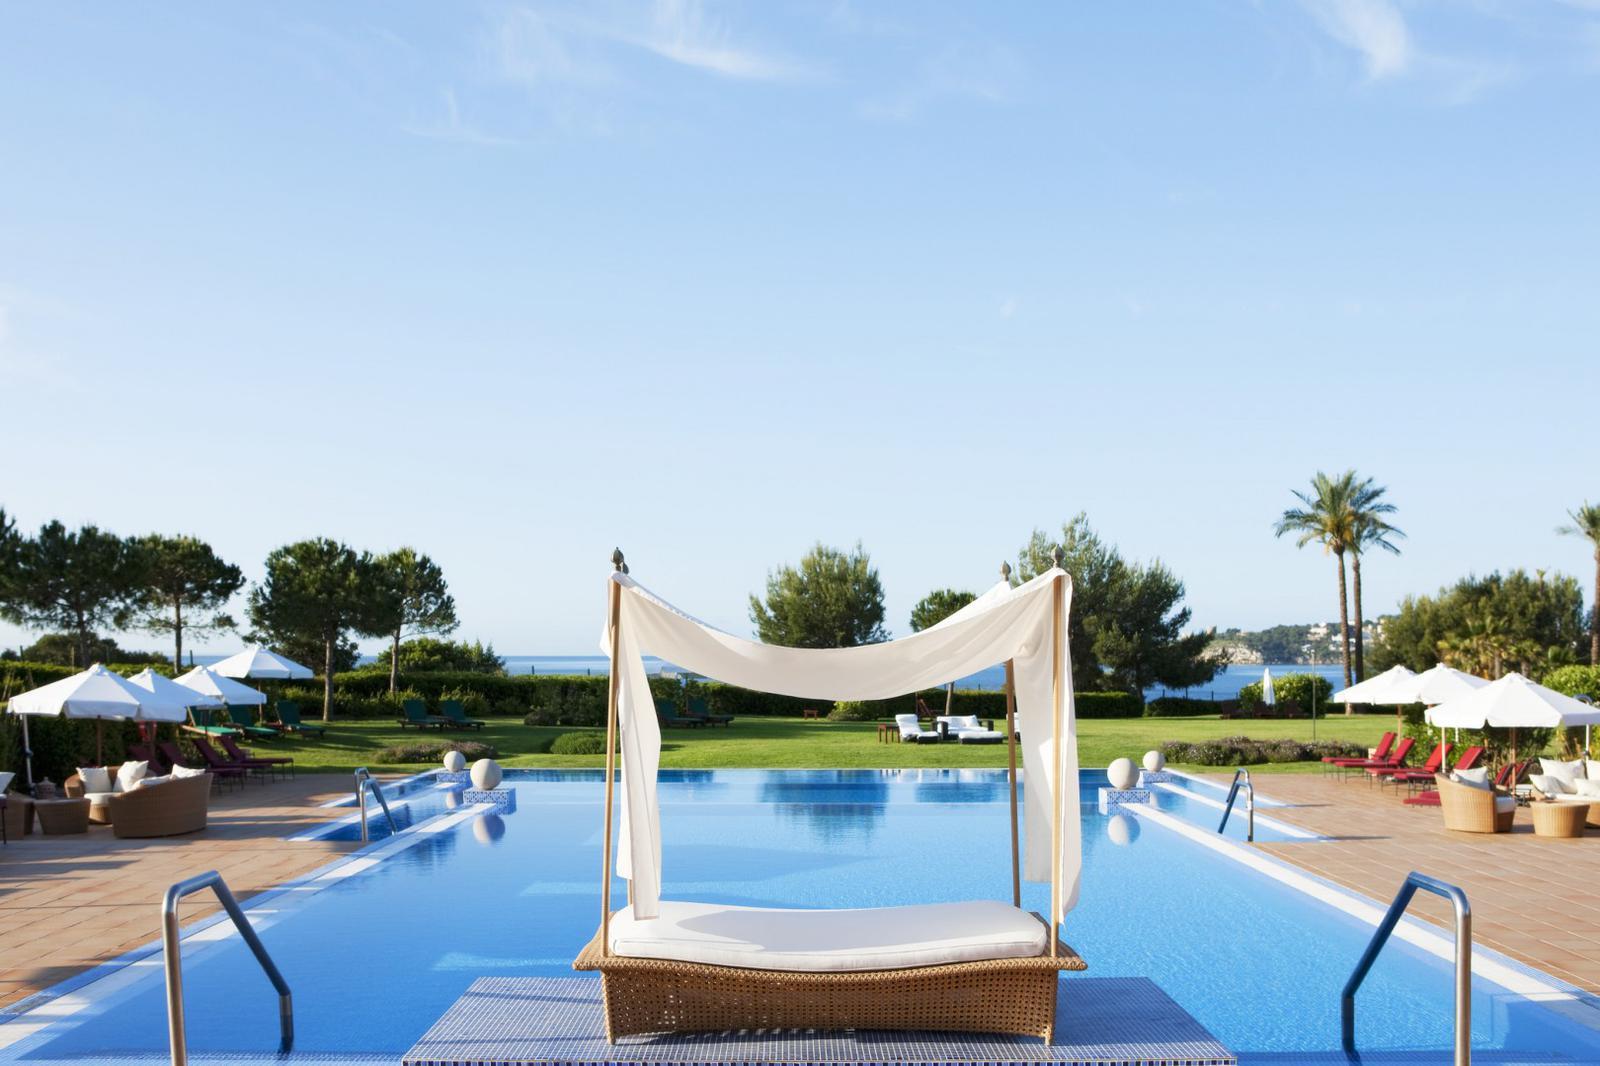 Los 10 mejores hoteles de playa de espa a de 2014 - Hoteles con cocina en madrid ...